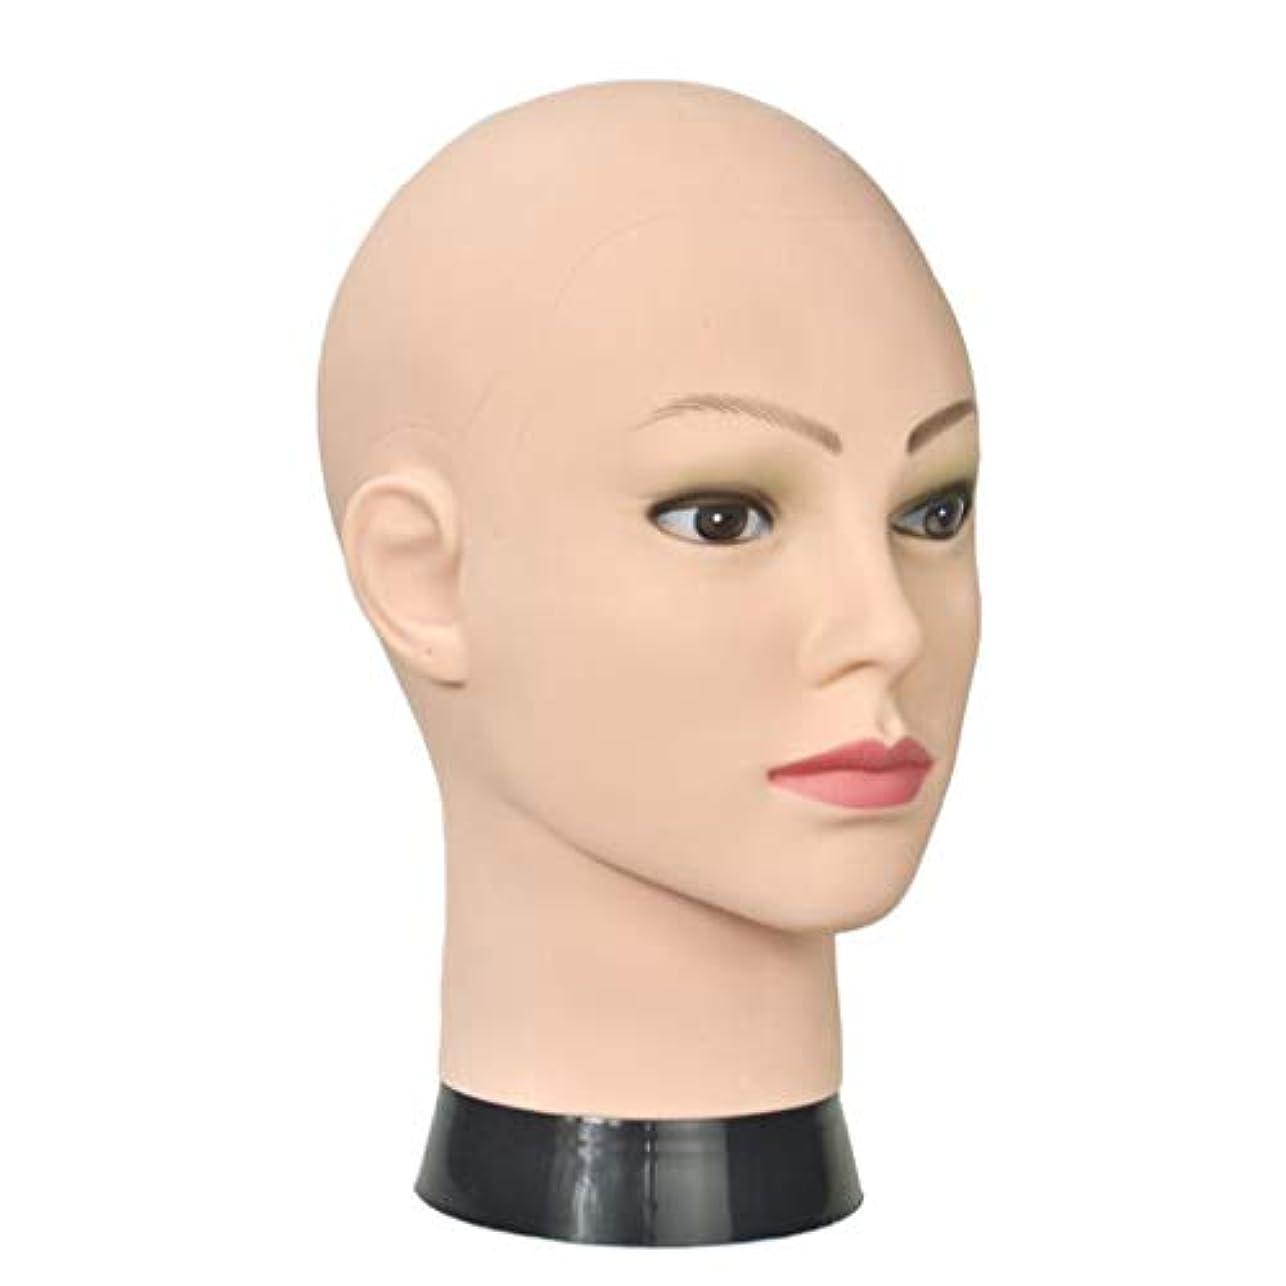 パッケージかもめ錫Toygogo プロのマネキンヘッドメイク表示スタイルドライかつら10.2インチ理髪トレーニングヘッド